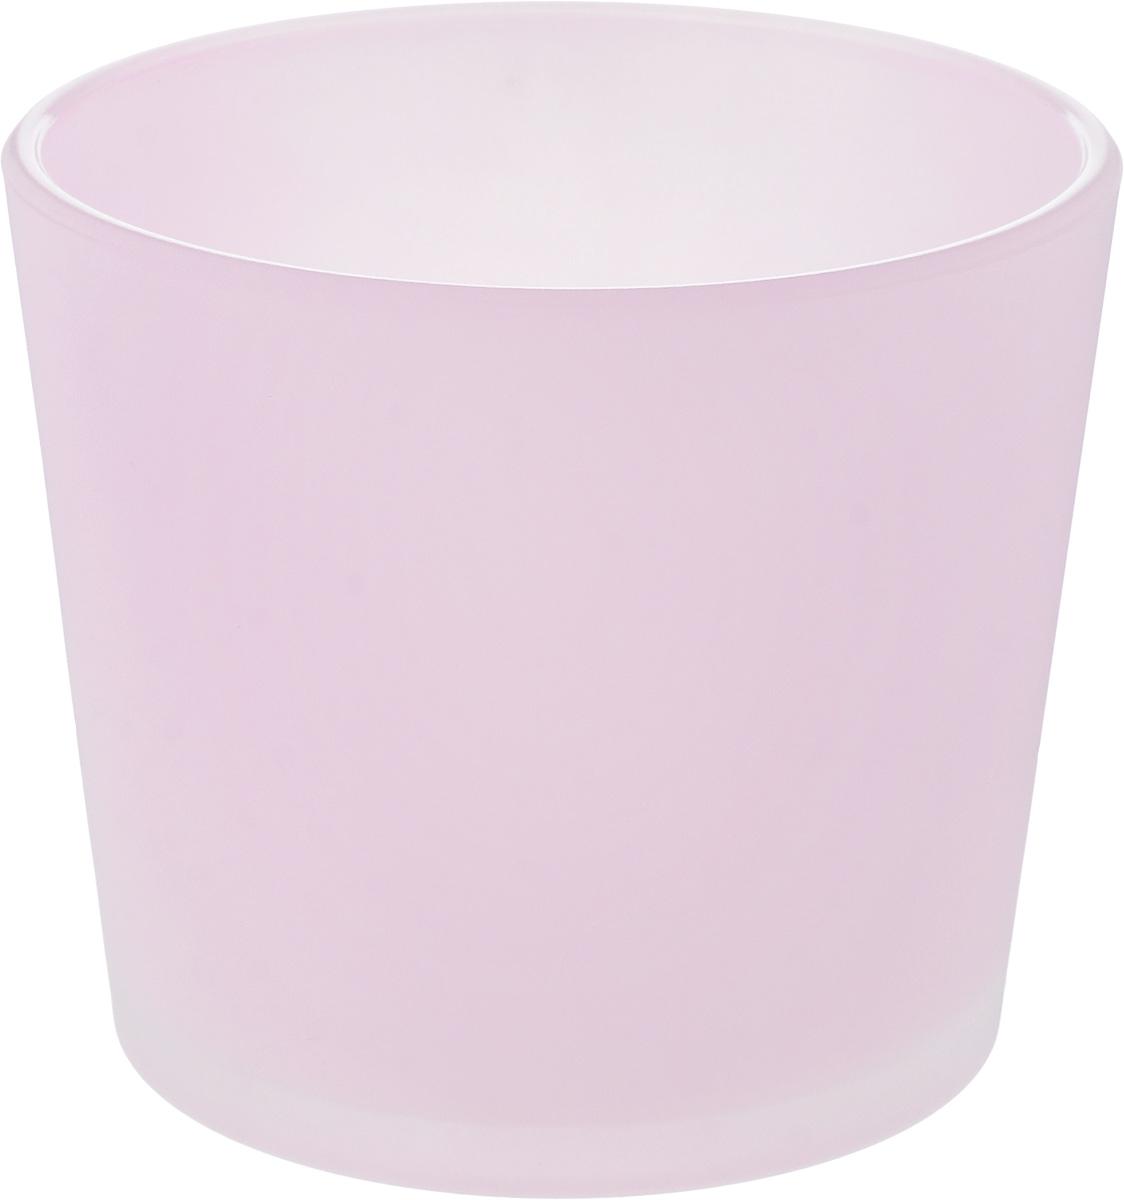 Кашпо NiNaGlass, цвет: розовый, высота 12,5 смМ 3102Кашпо NiNaGlass имеет уникальную форму, сочетающуюся как с классическим, так и с современным дизайном интерьера. Оно изготовлено из высококачественного стекла и предназначено для выращивания растений, цветов и трав в домашних условиях. Кашпо NiNaGlass порадует вас функциональностью, а благодаря лаконичному дизайну впишется в любой интерьер помещения. Диаметр кашпо (по верхнему краю): 14,5 см.Высота кашпо: 12,5 см.